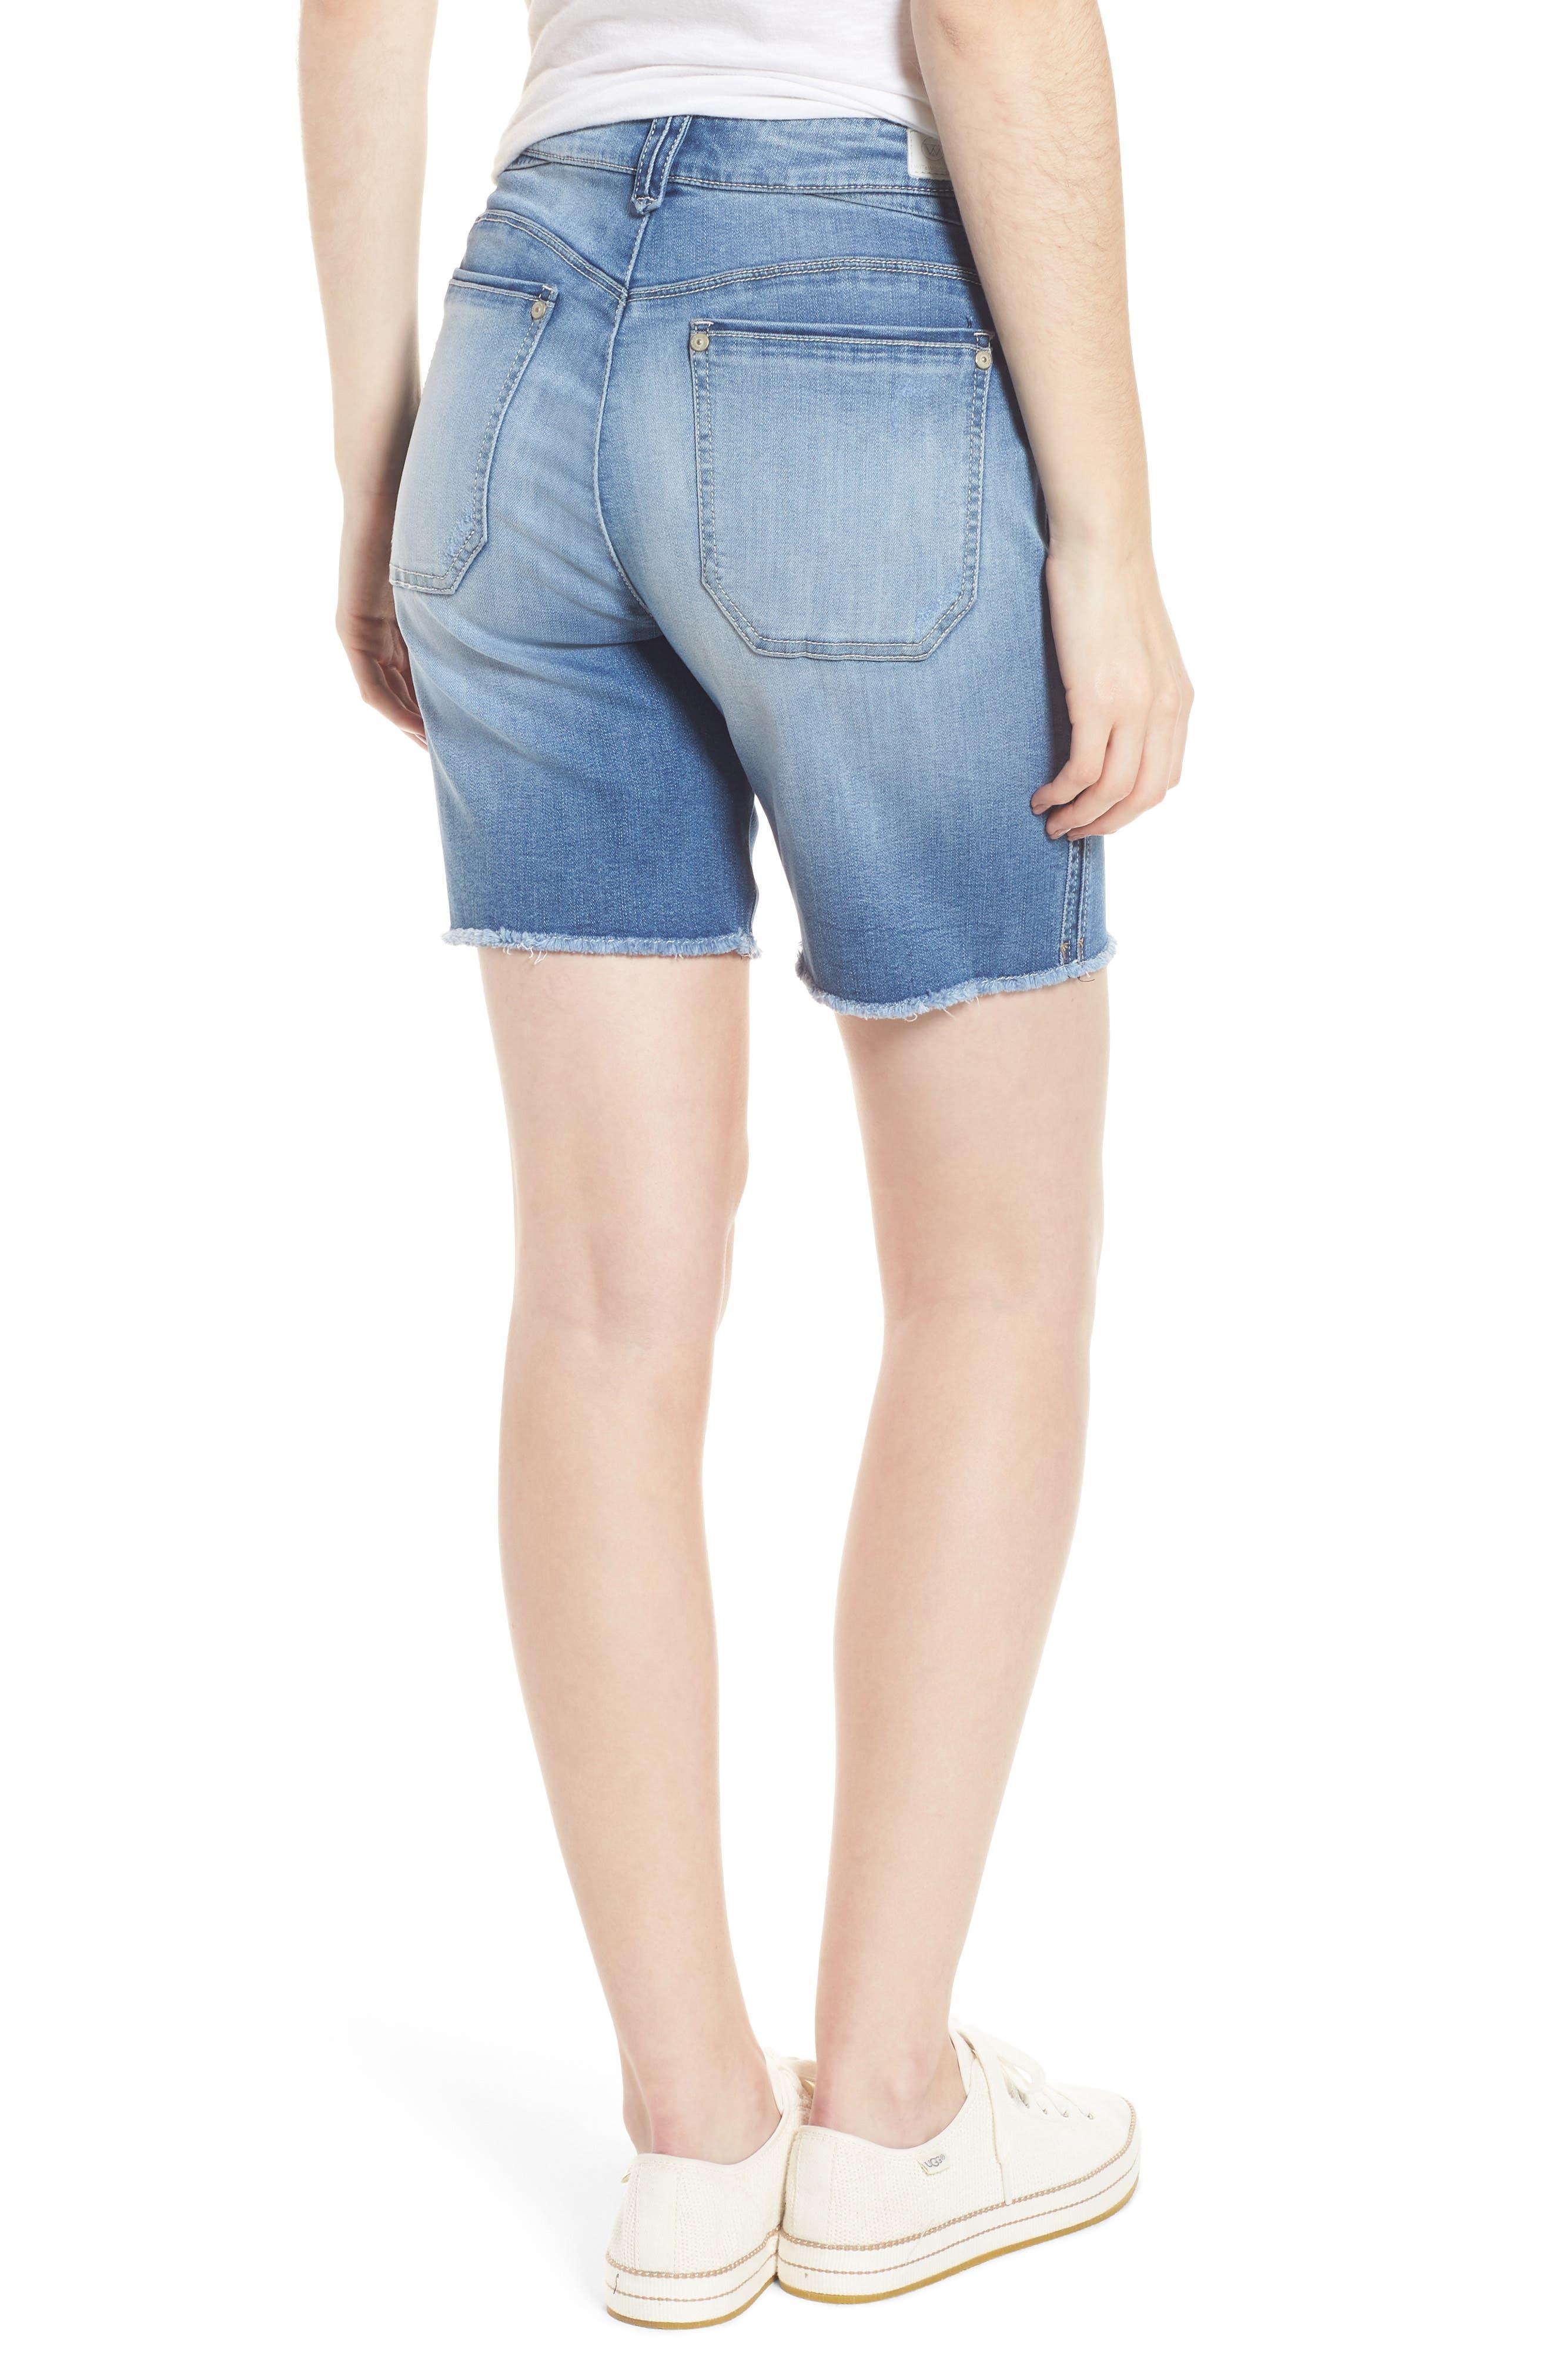 Flex-Ellent High Rise Denim Shorts,                             Alternate thumbnail 2, color,                             Light Blue